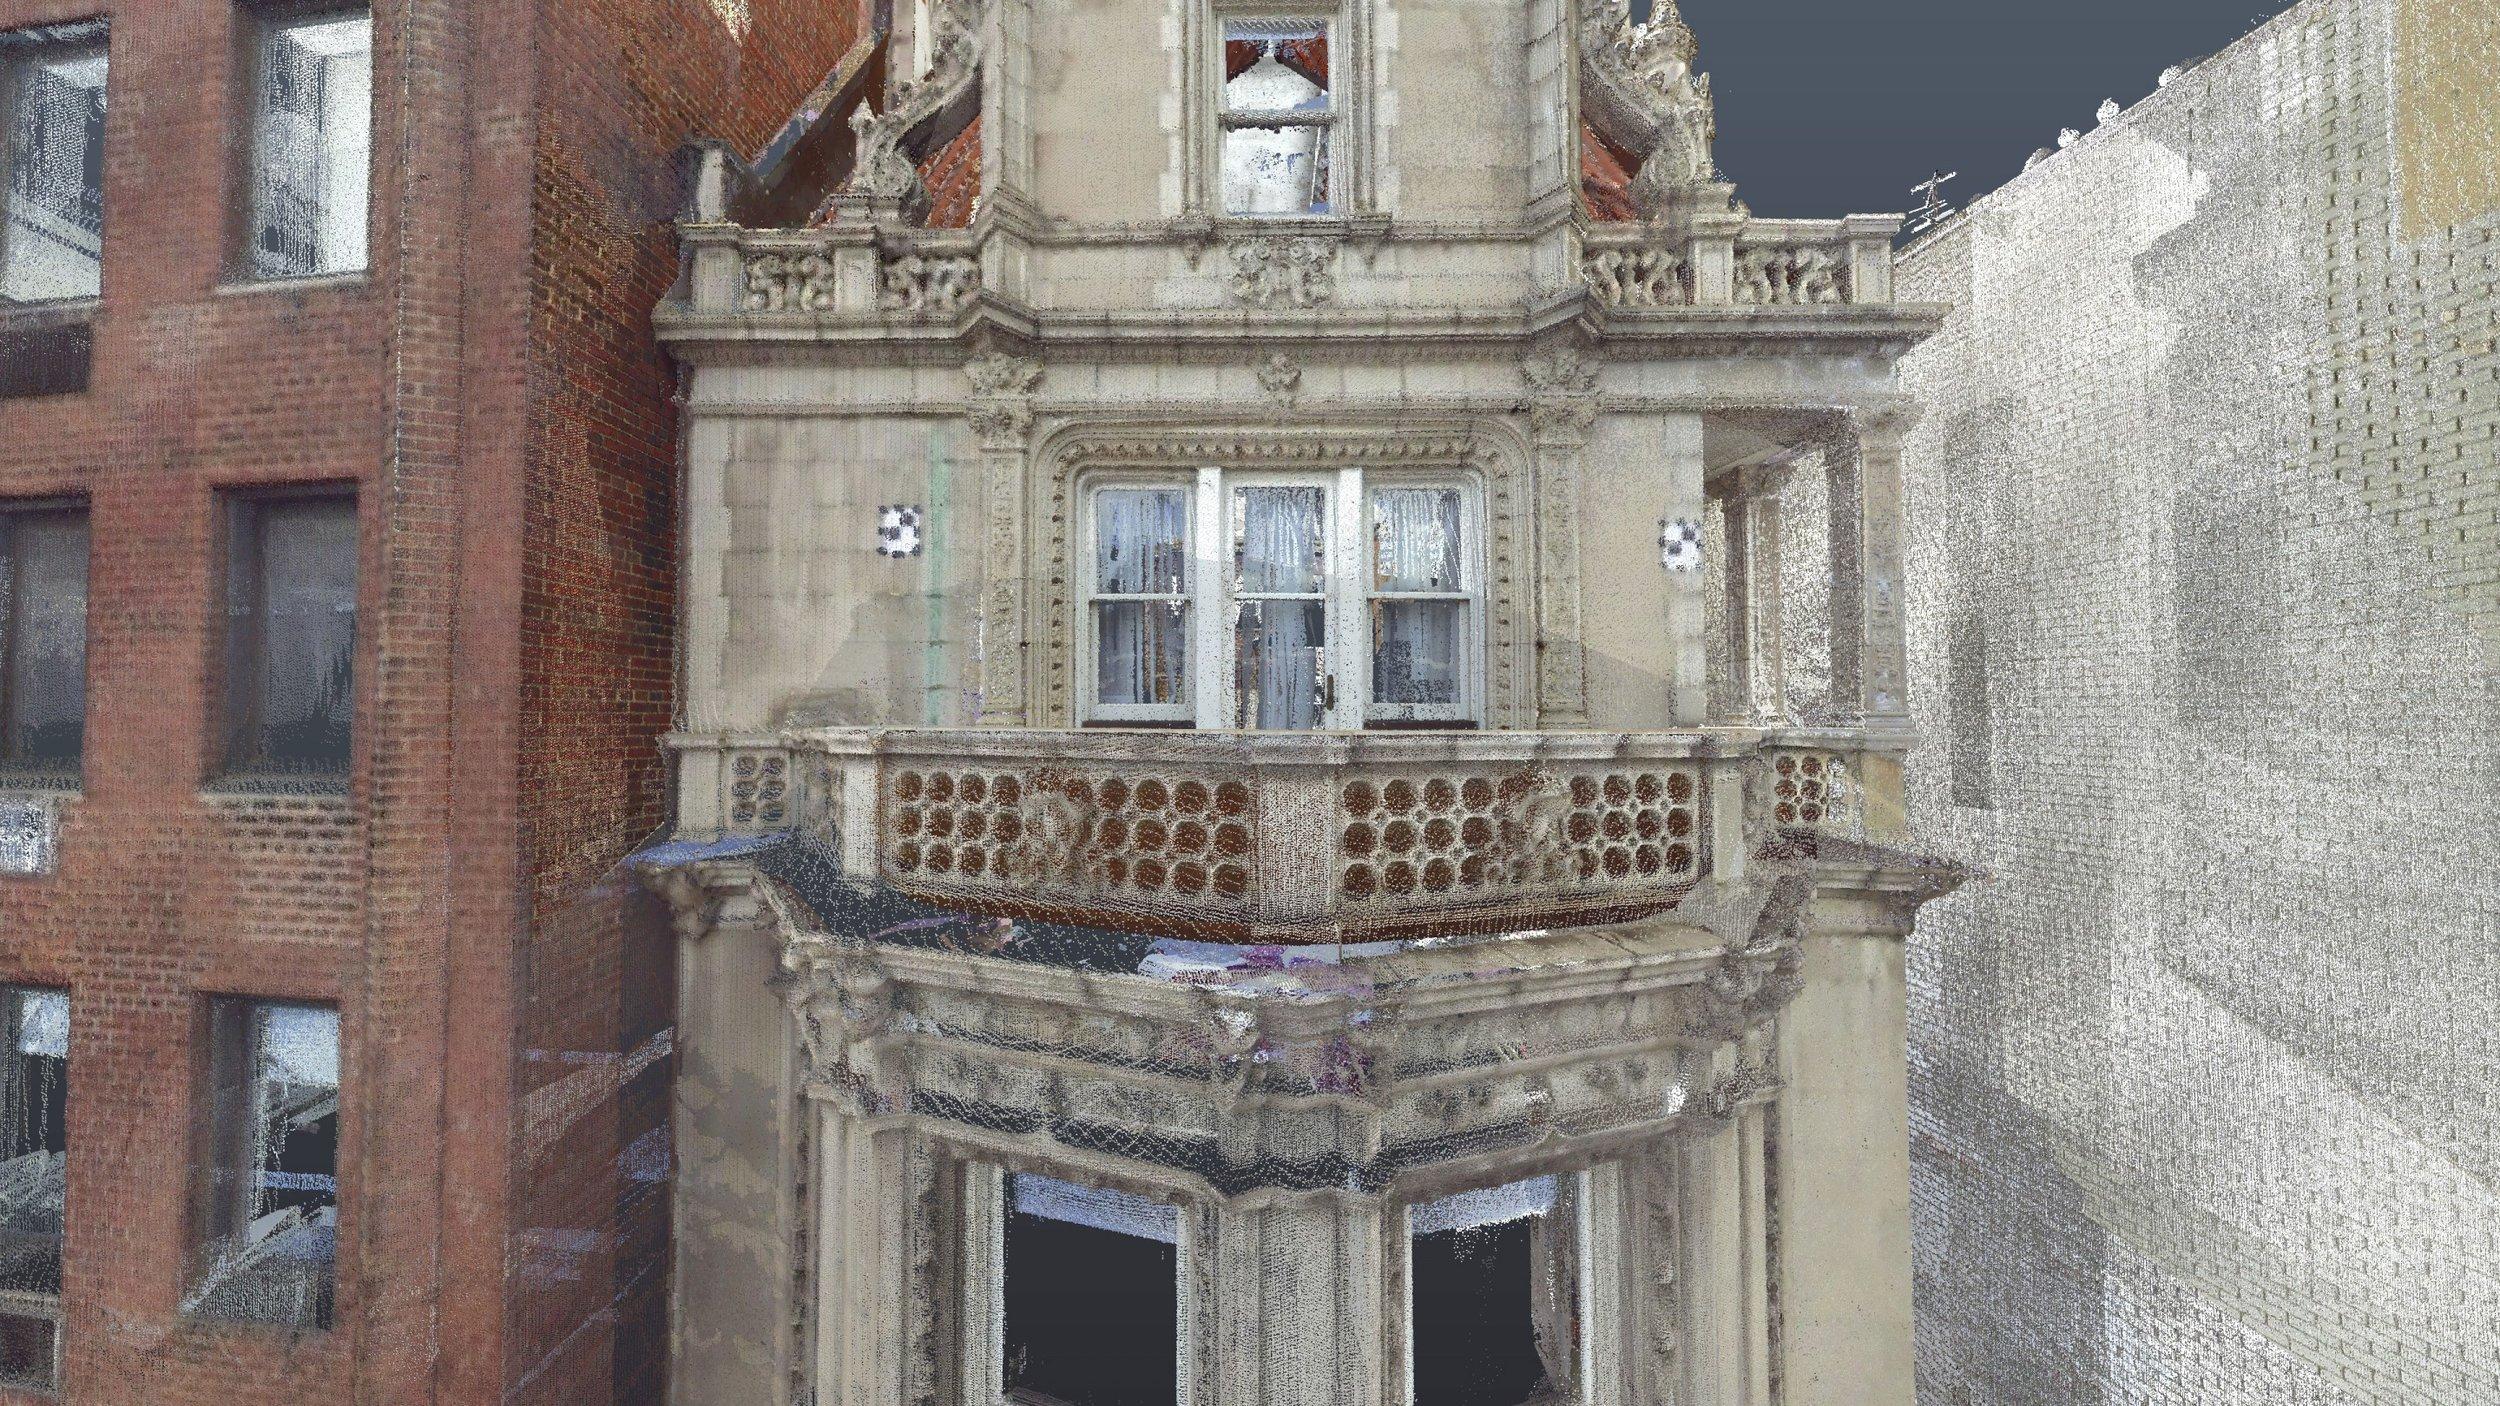 RIVERSIDE-DRIVE-MANSION-MANHATTAN-NYC-REVIT-3D-LASER-SCANNING-POINT-CLOUD-MYND-WORKSHOP-9.jpg